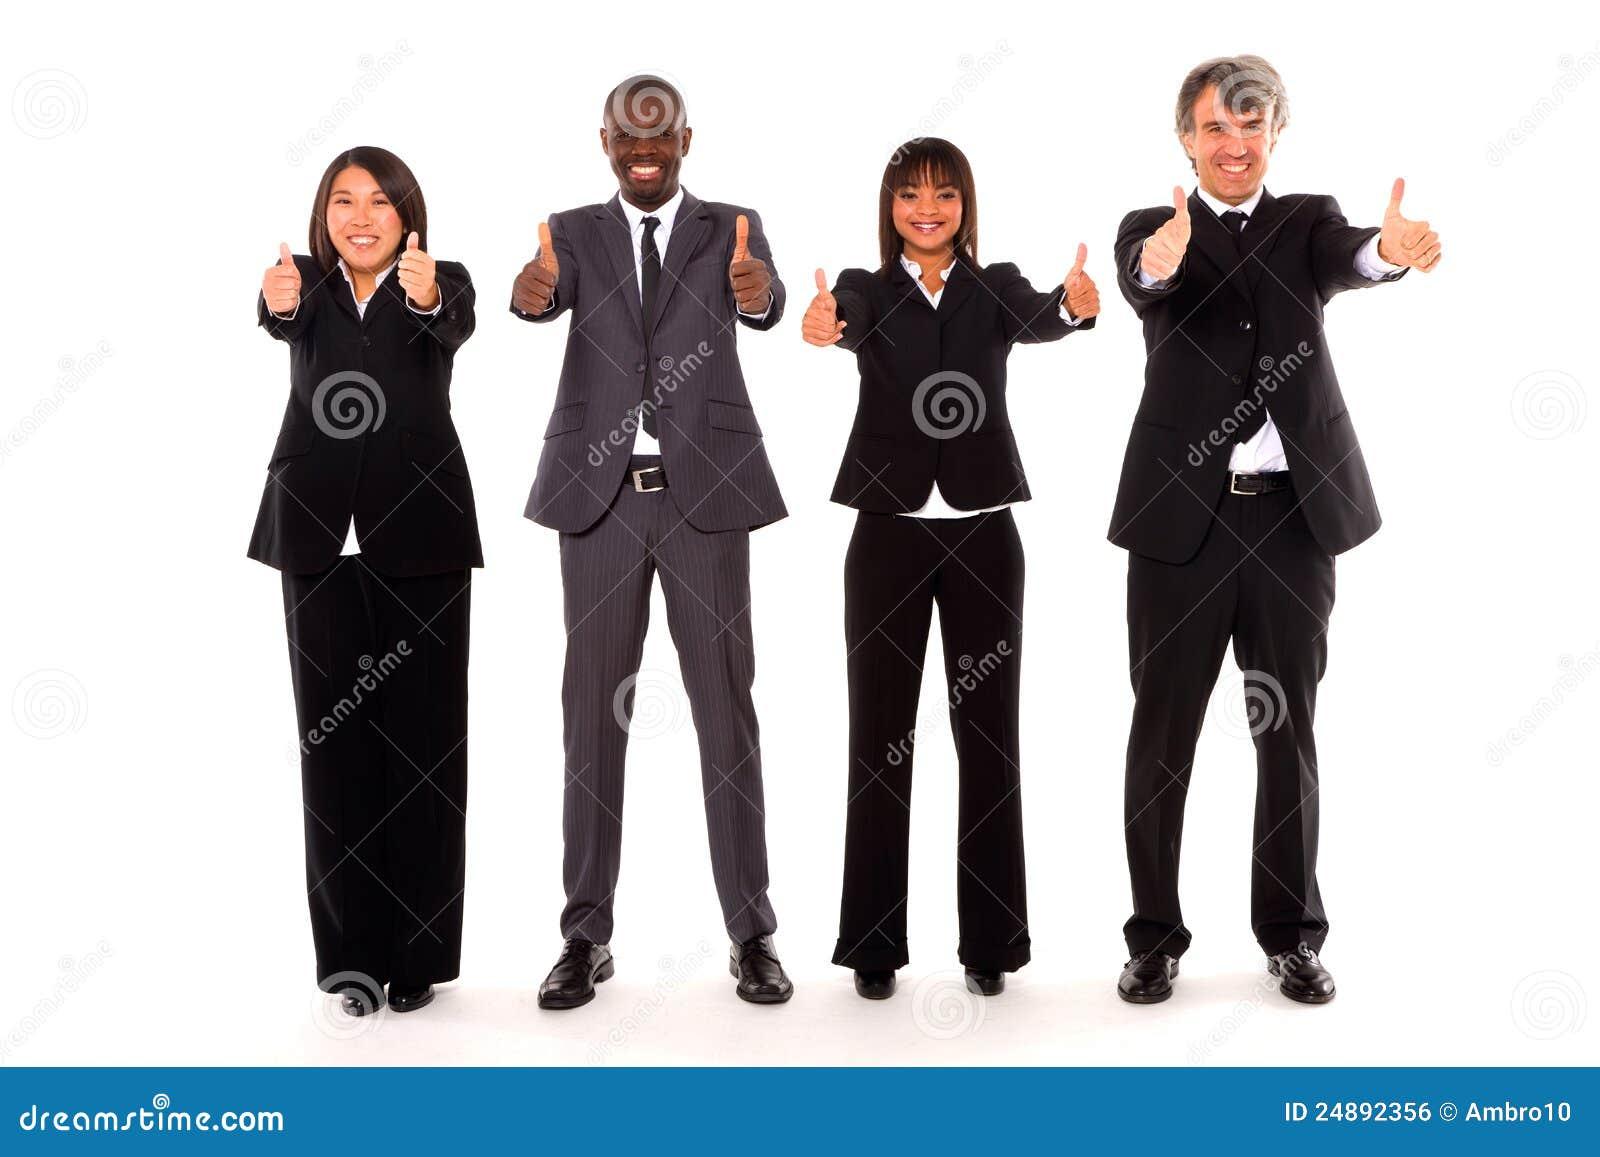 Personas Multi-ethnic